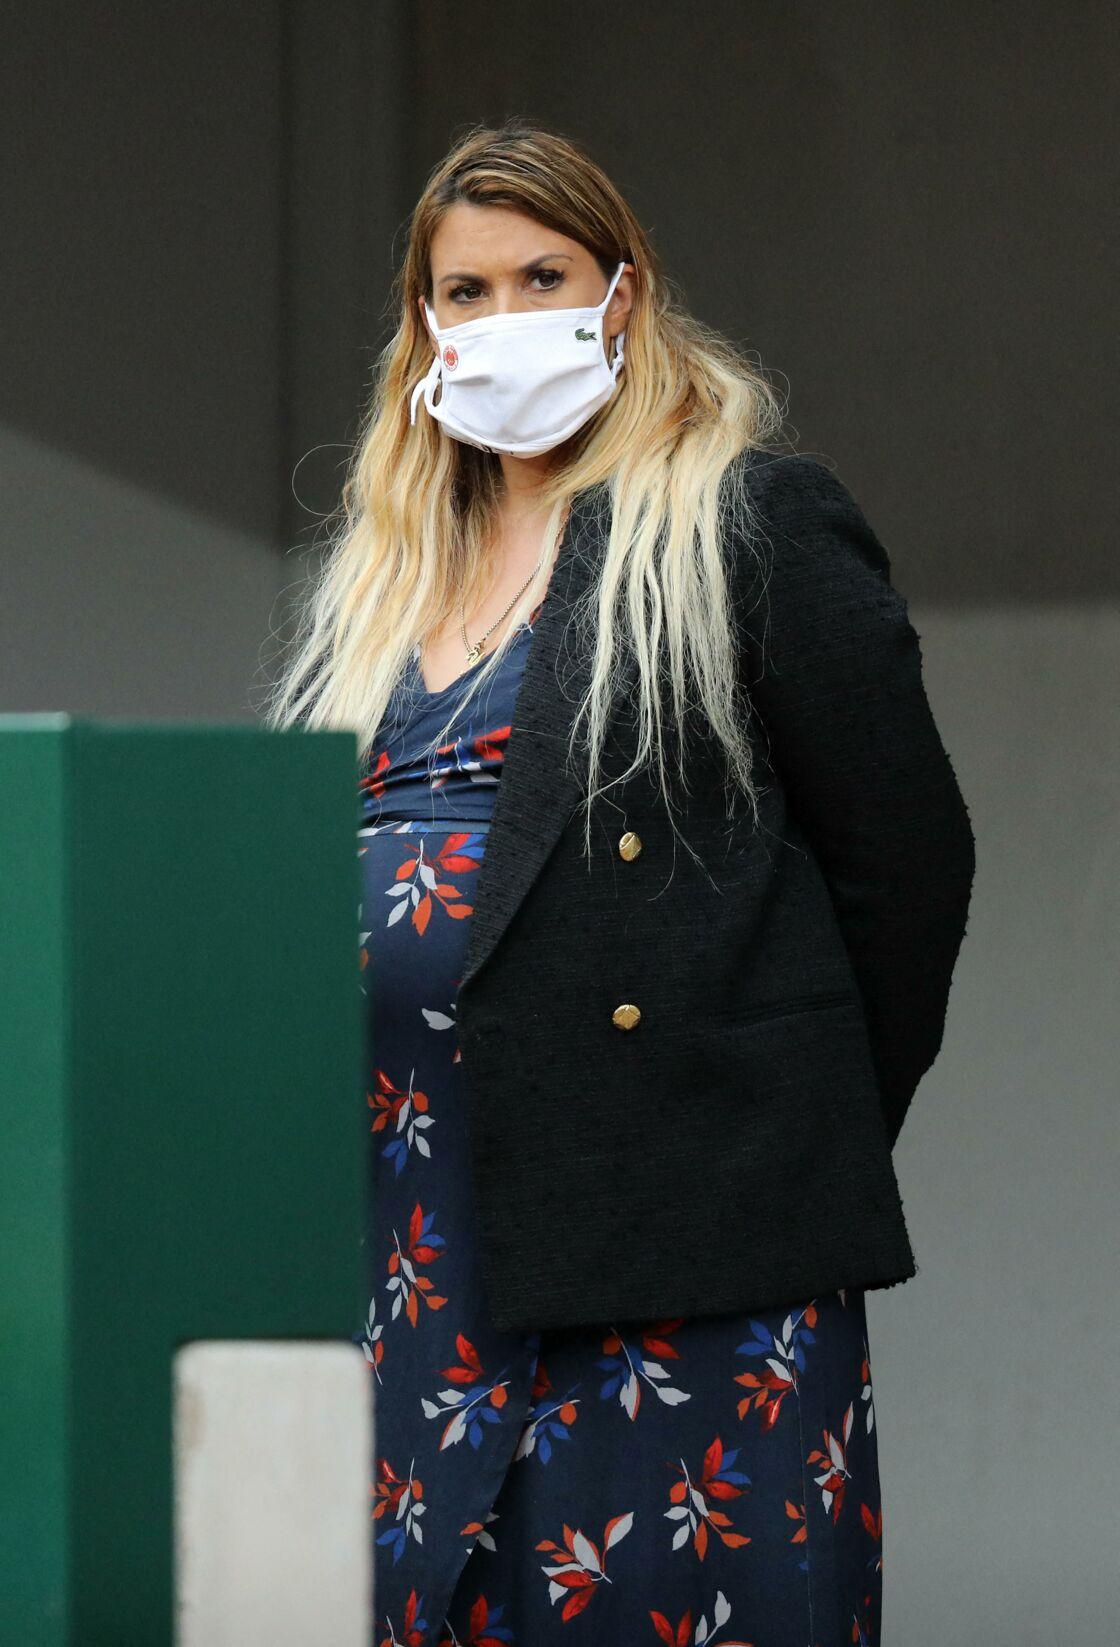 Marion Bartoli, enceinte, lors du premier tour des internationaux de tennis de Roland Garros à Paris le 28 septembre 2020.